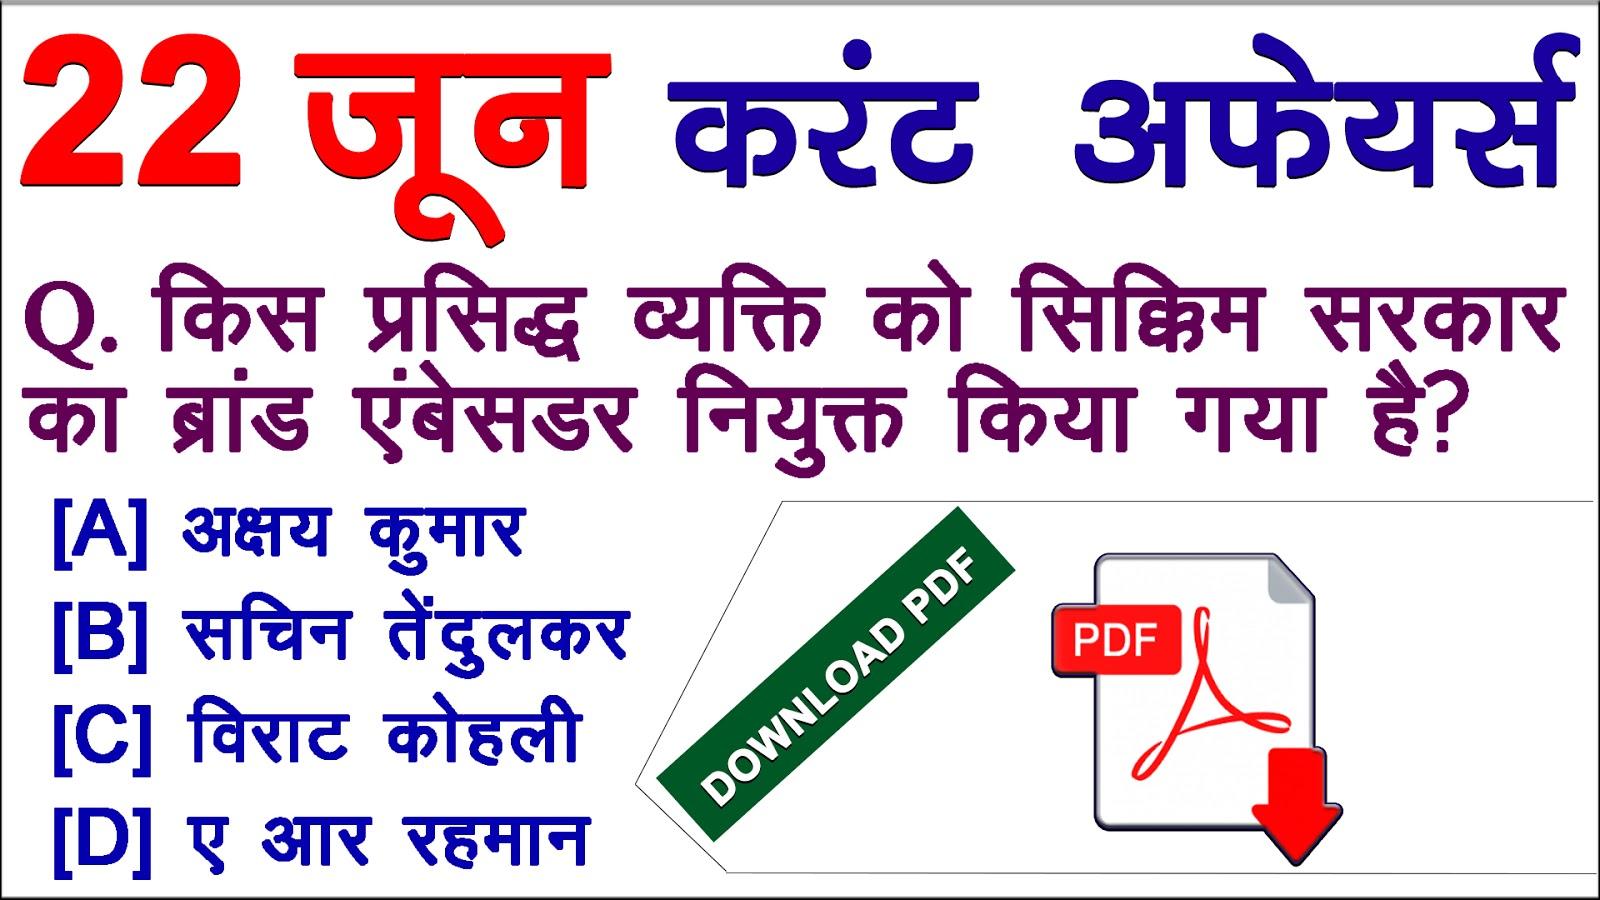 22 June Curent Affairs 2018 Quiz in Hindi